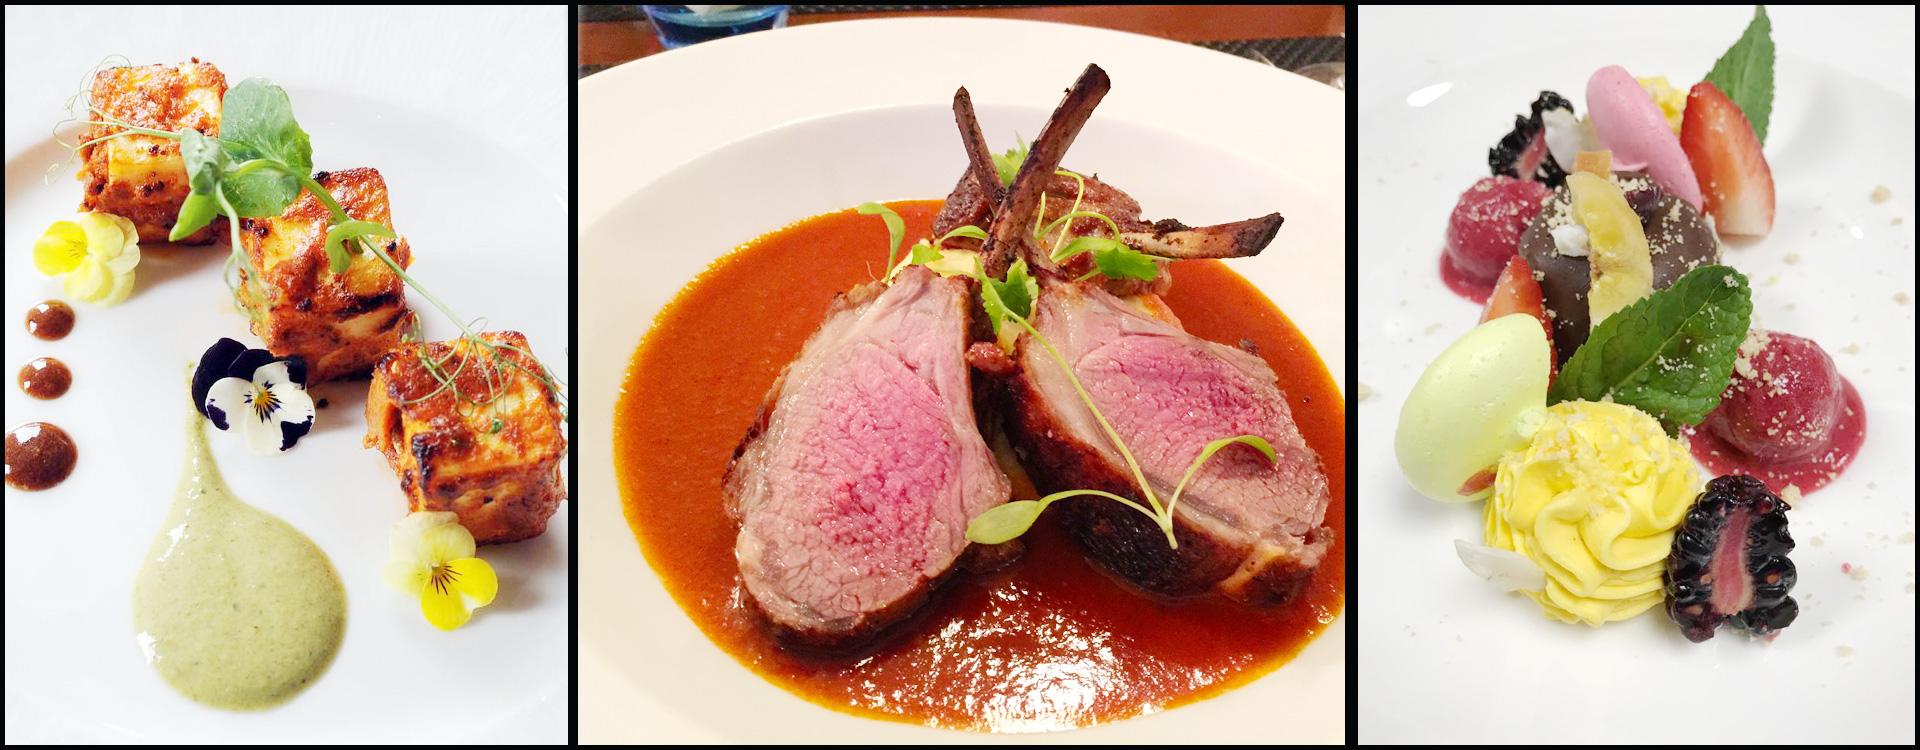 Delhi 6 Restaurant Sutton Coldfield